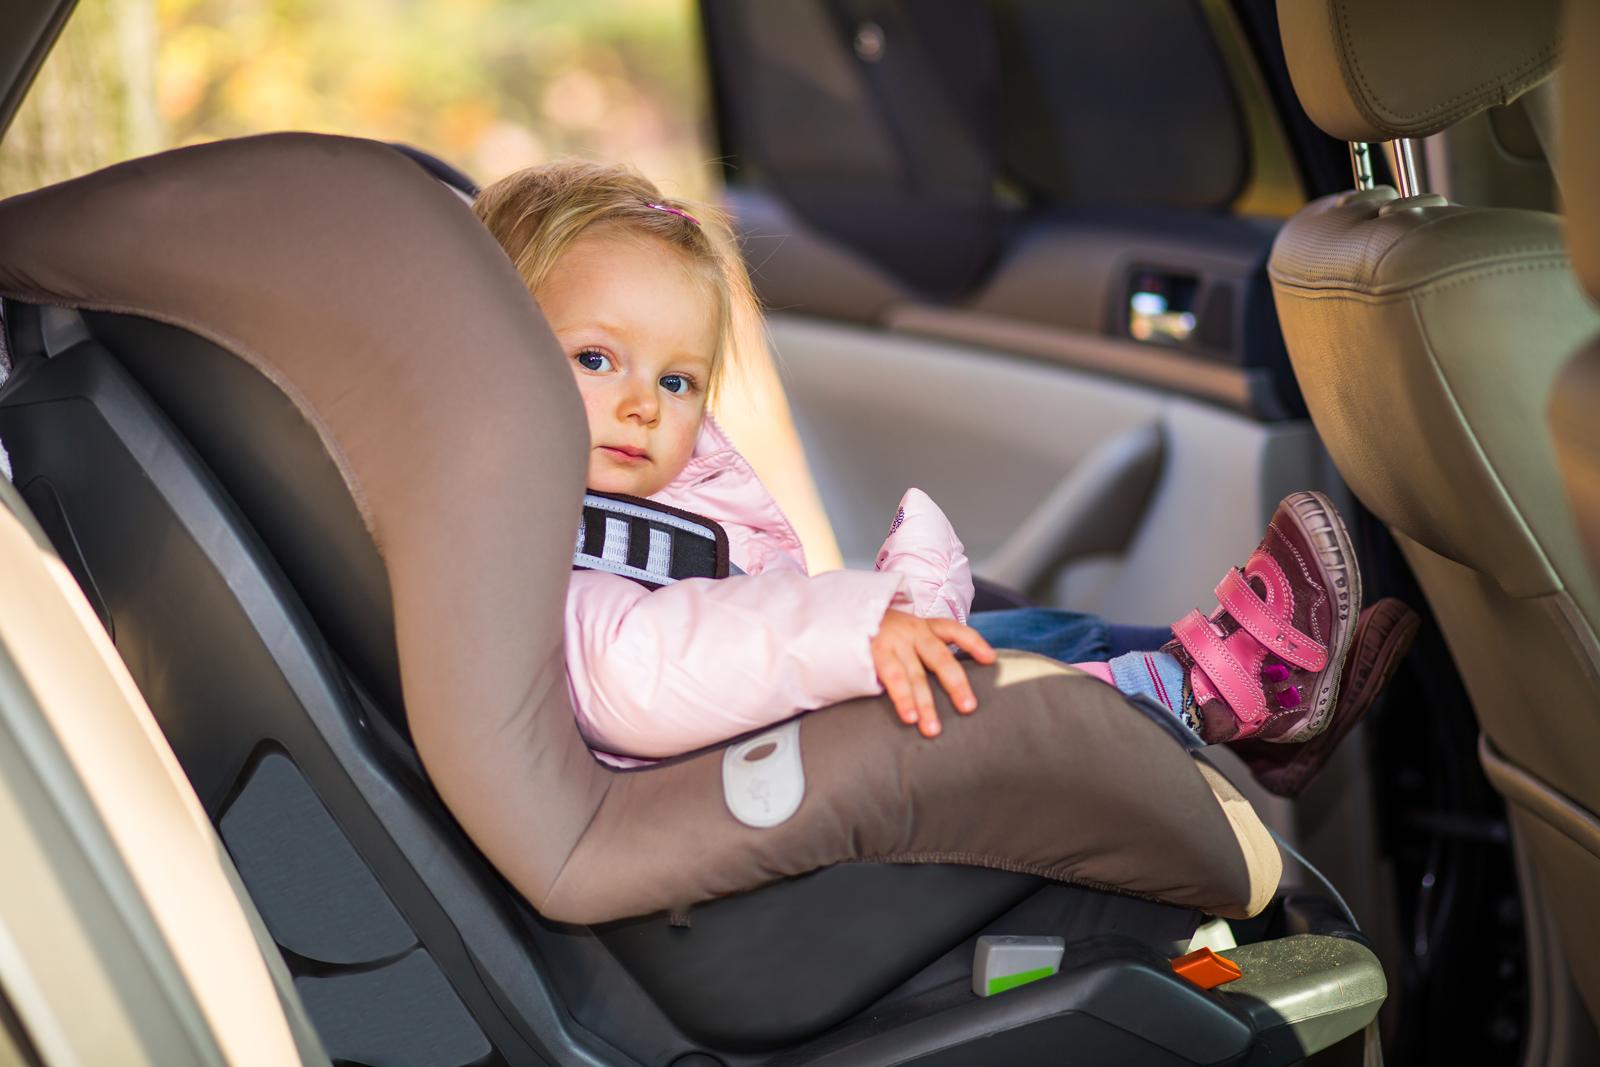 Голая девушка в машине фото пристегнута ремнем